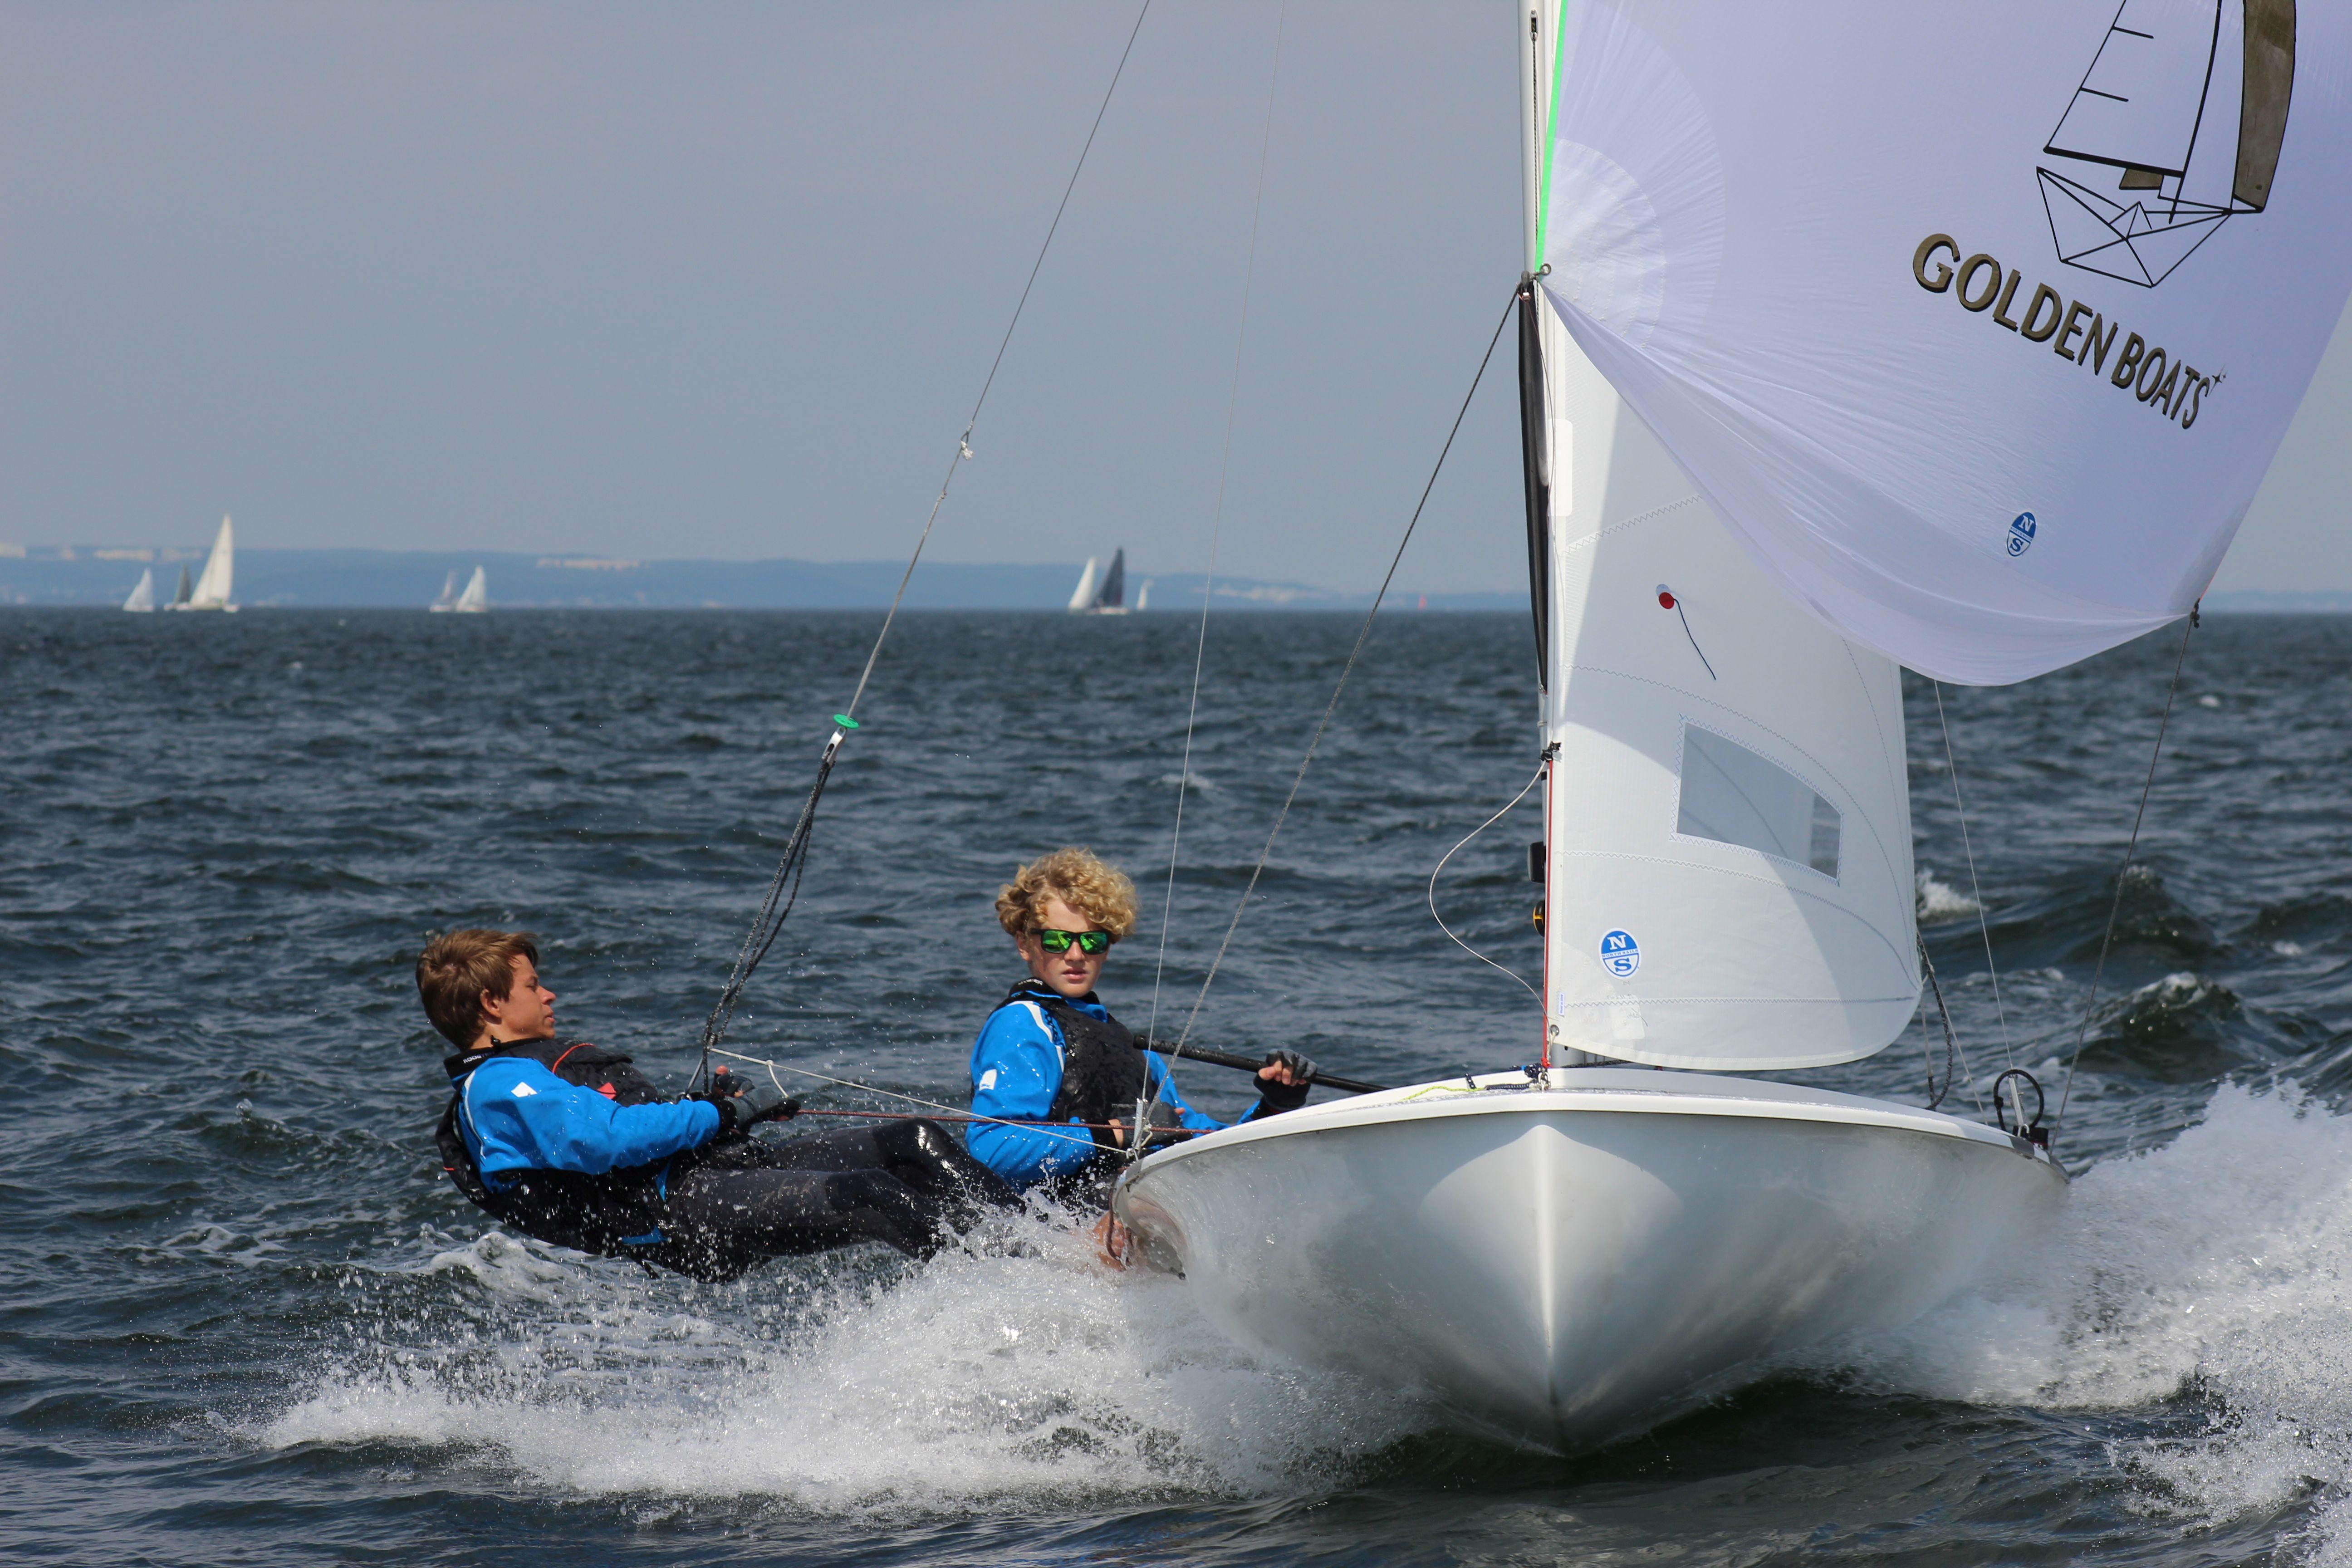 SAILING CAMP NR 8: Gdansk Bay